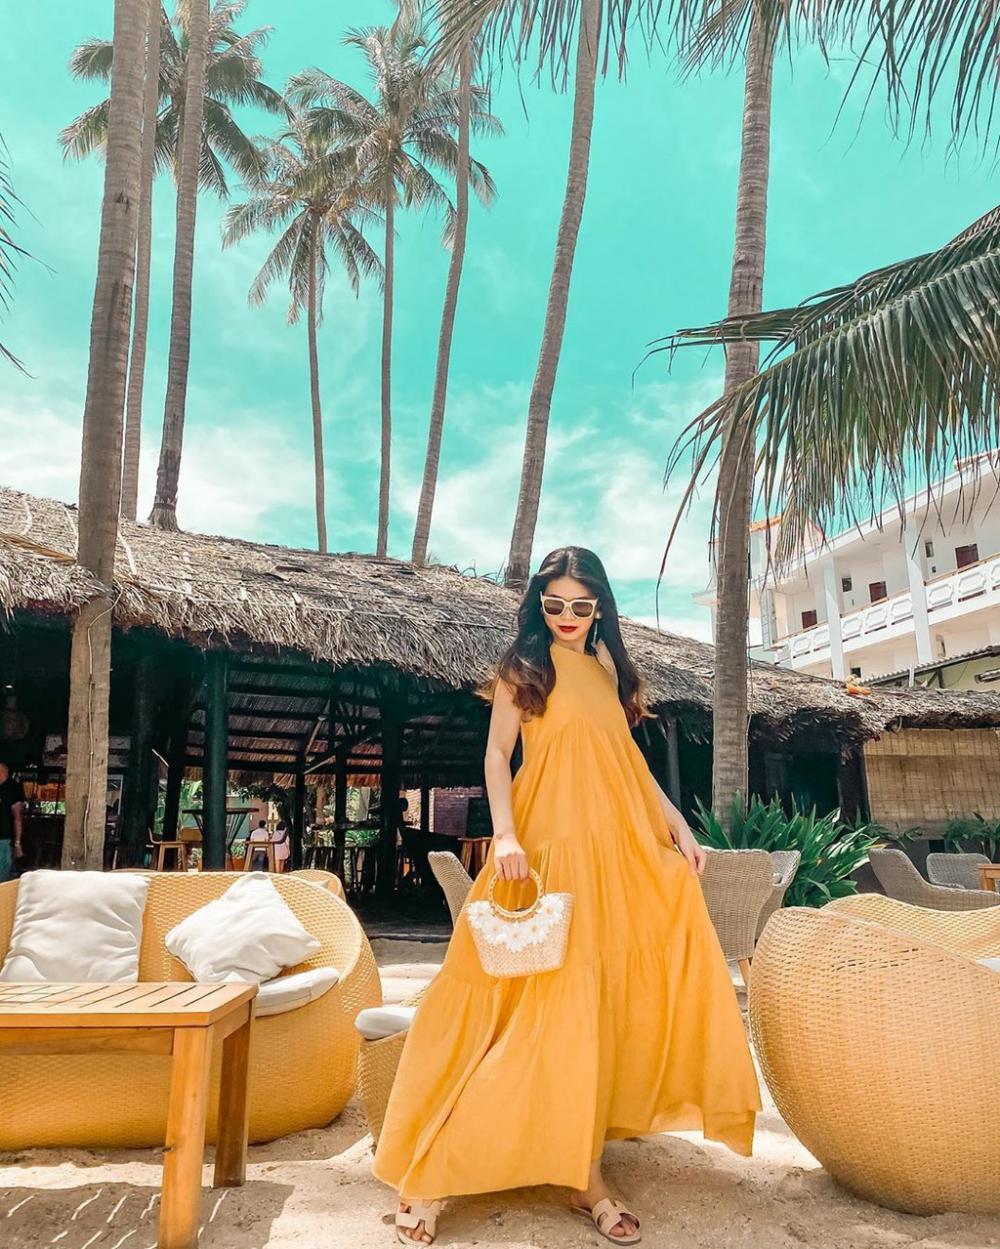 Đến đây, bạn có thể nhâm nhi một ly cocktail, nhún nhảy theo nhạc xập xình và ngắm hoàng hôn trên biển vô cùng lãng mạn. Ngoài ra, ở đây còn phục vụ các món ăn đặc trưng của Thái Lan như pad Thái, gỏi đu đủ... Giờ mở cửa từ 9h-1h sáng. Ảnh: Kieumira, Bongflicka.